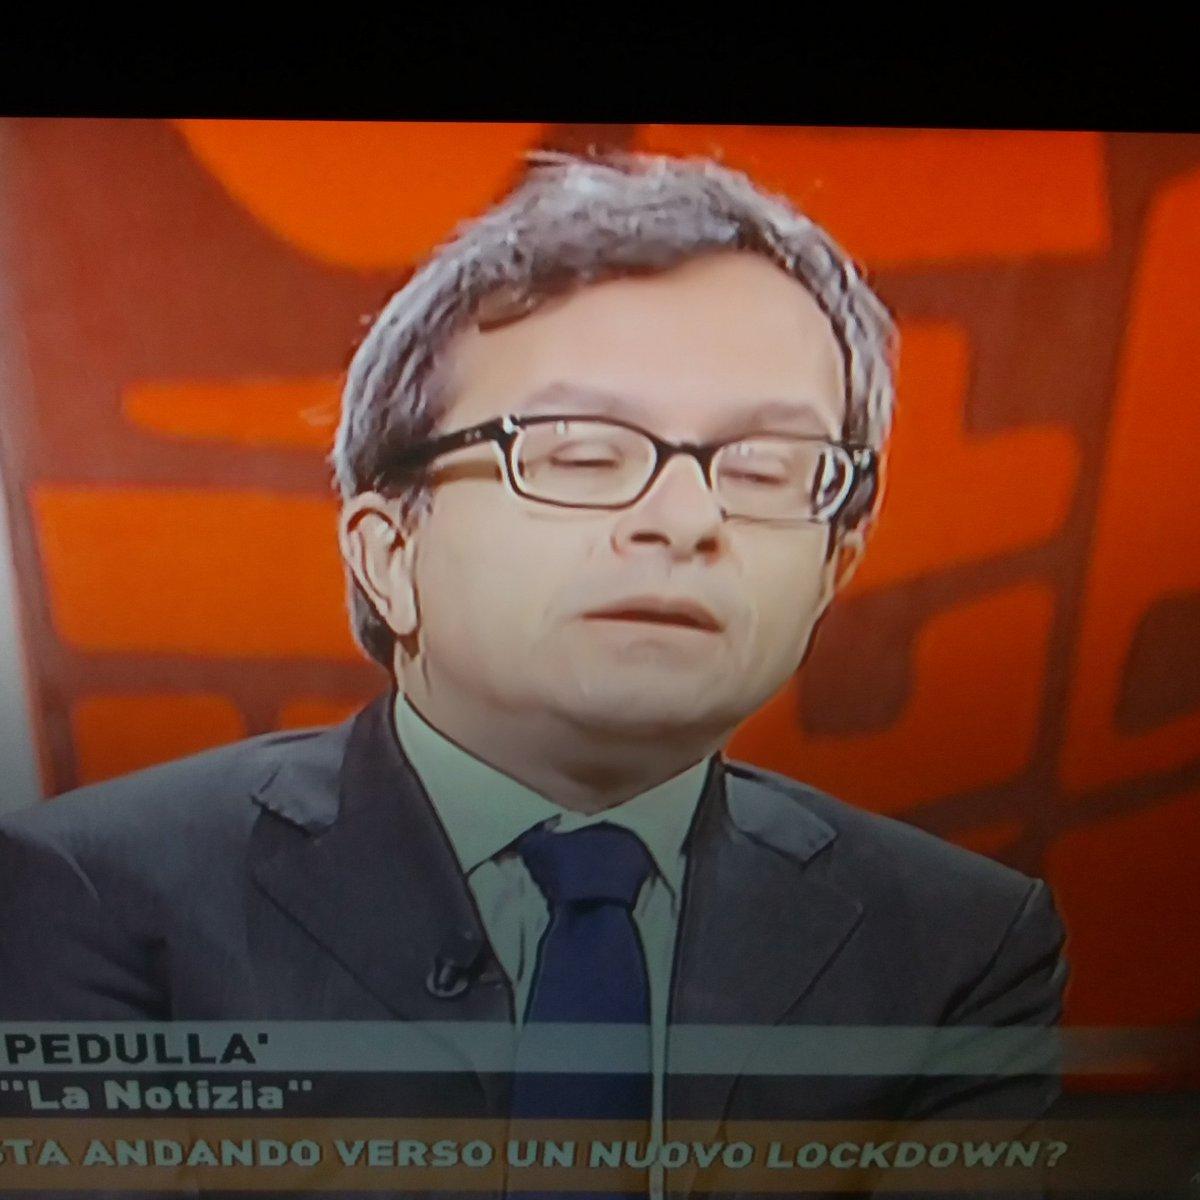 #Pedullà